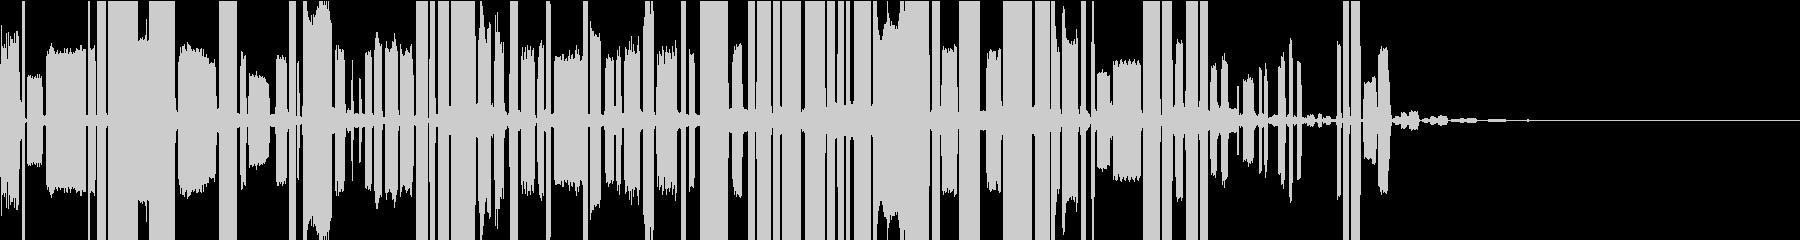 ロボットの声(長め)の未再生の波形